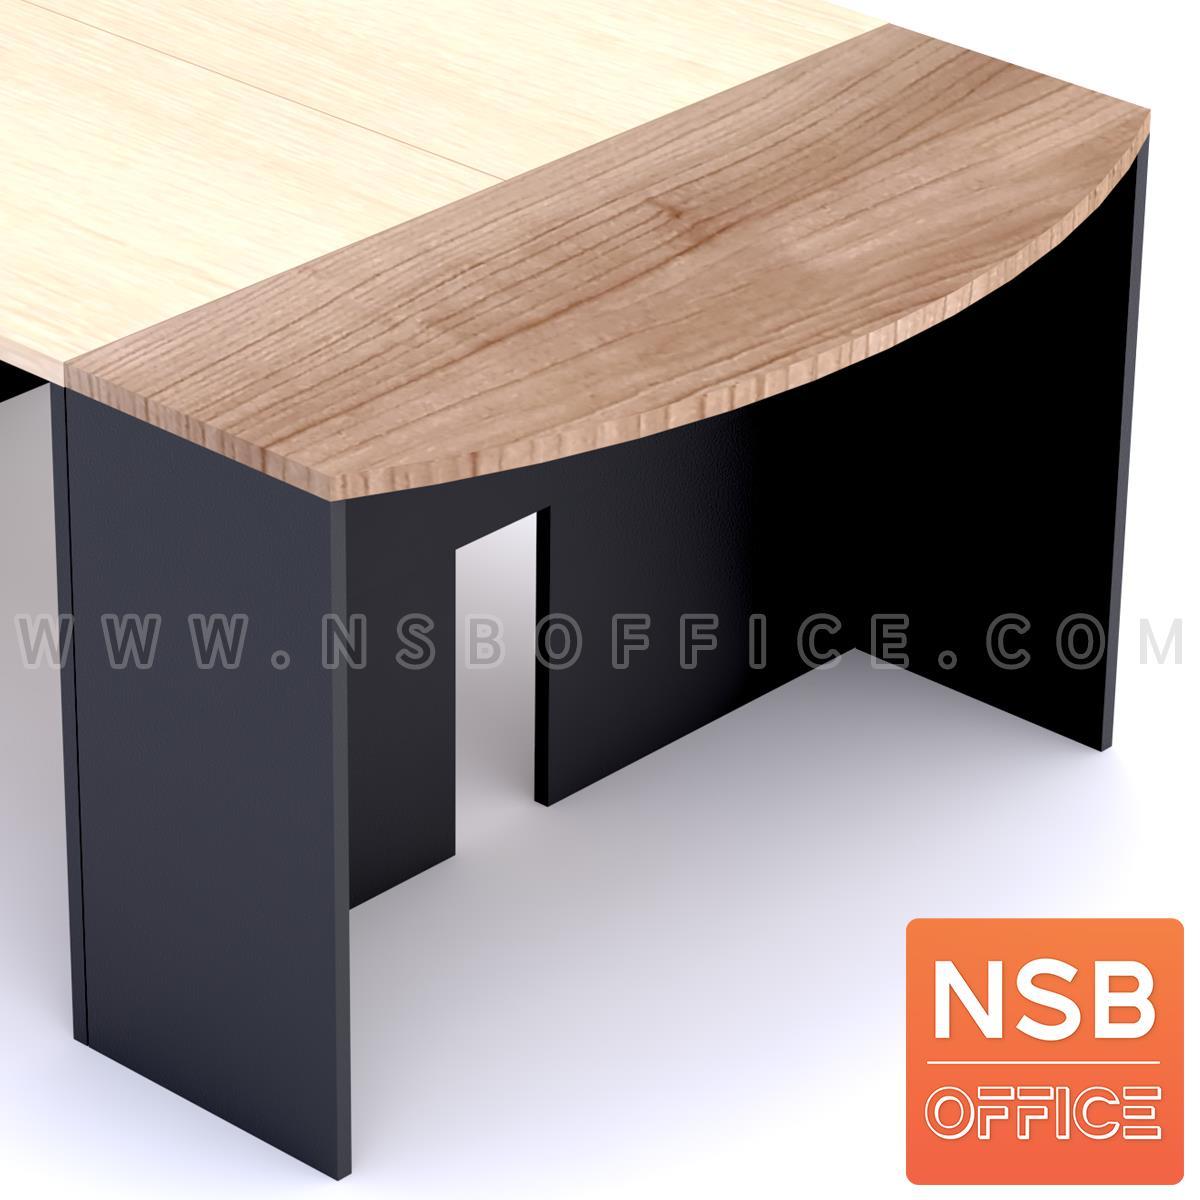 A05A141:โต๊ะเข้ามุมทรงหัวเหลี่ยมโค้ง  ขนาด 120W ,150W cm. เมลามีน